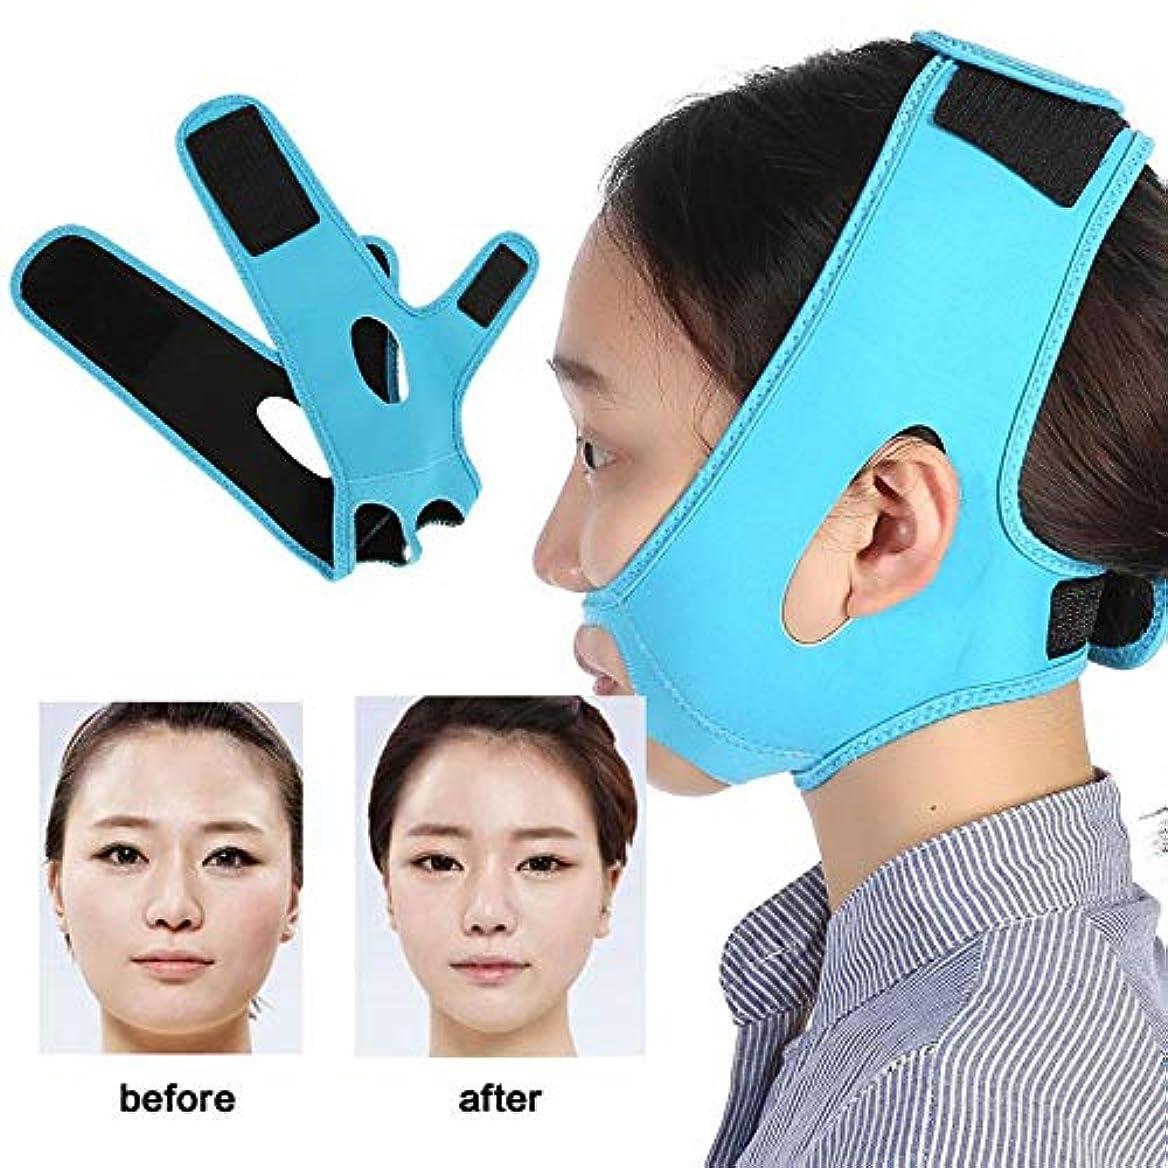 トロリーバス小さな困難包帯のスキンケアのベルトの形および上昇を細くする顔の薄いフェイスマスクは二重あごのフェイスマスクの顔のThiningバンドを減らします